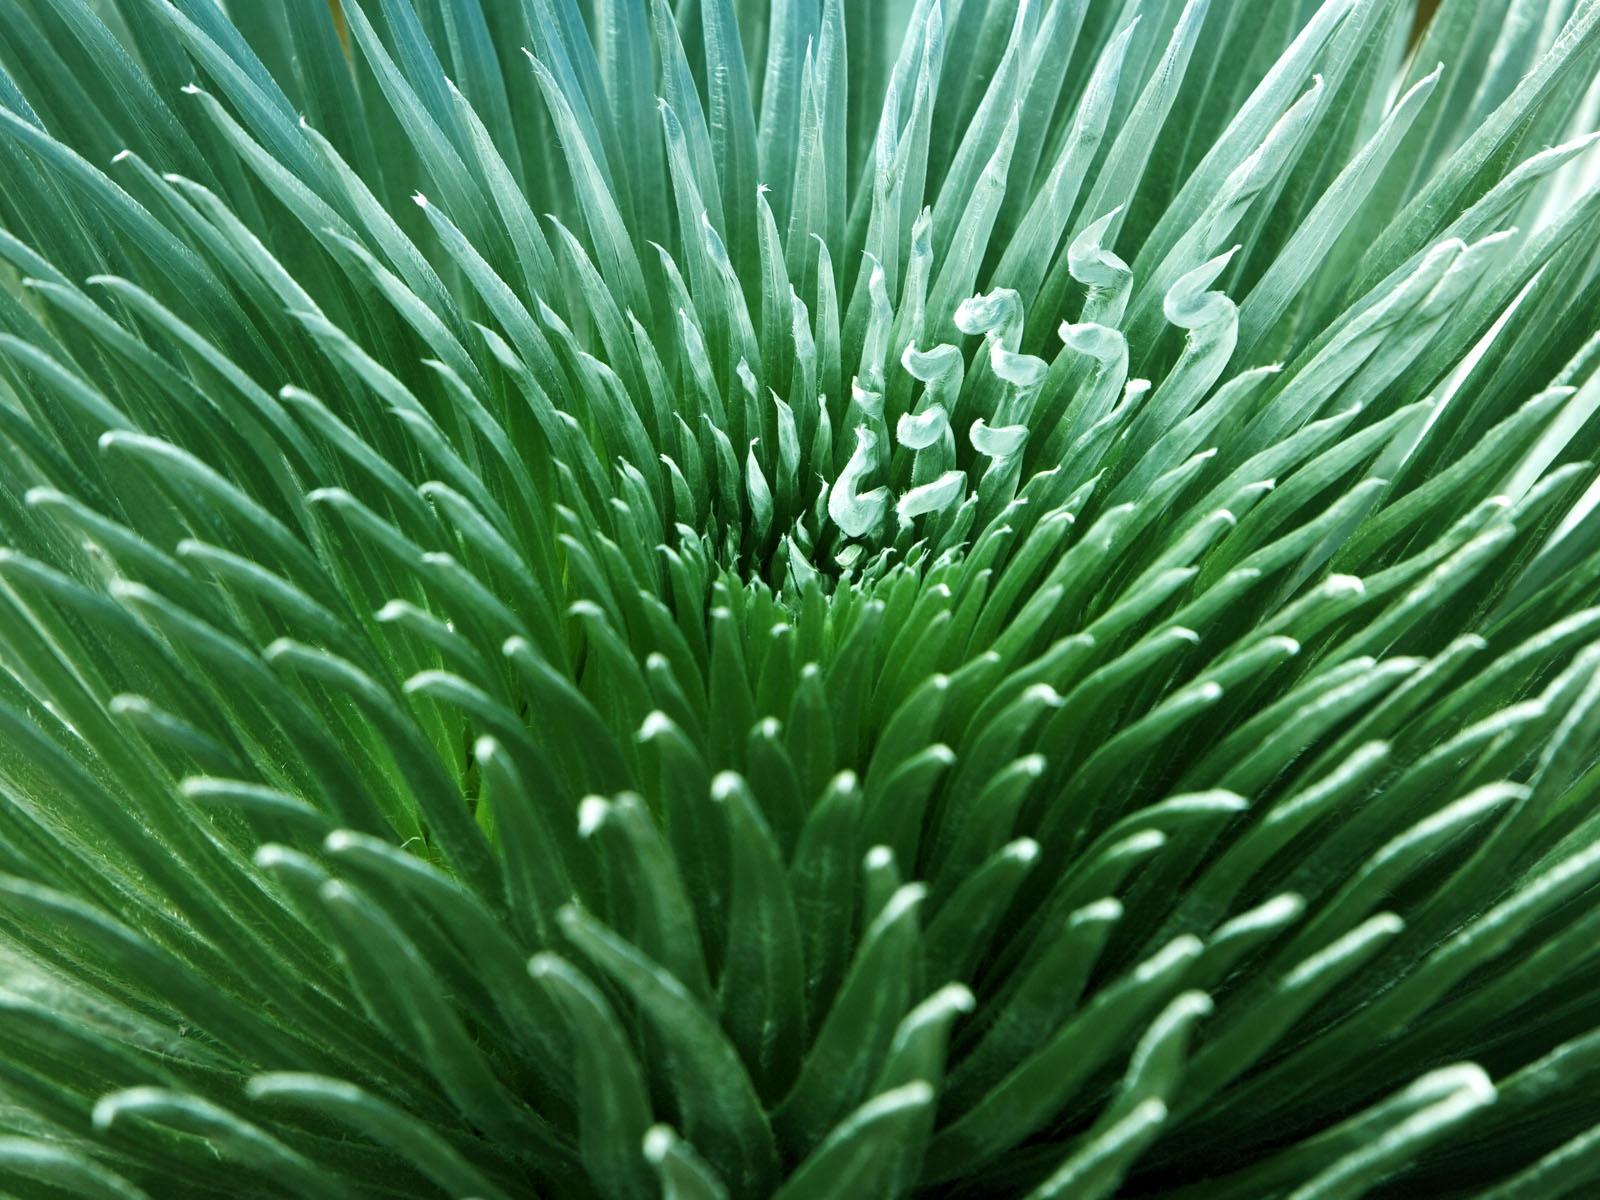 壁纸1600×1200植物绿叶高清壁纸壁纸 植物绿叶高清壁纸壁纸图片植物壁纸植物图片素材桌面壁纸